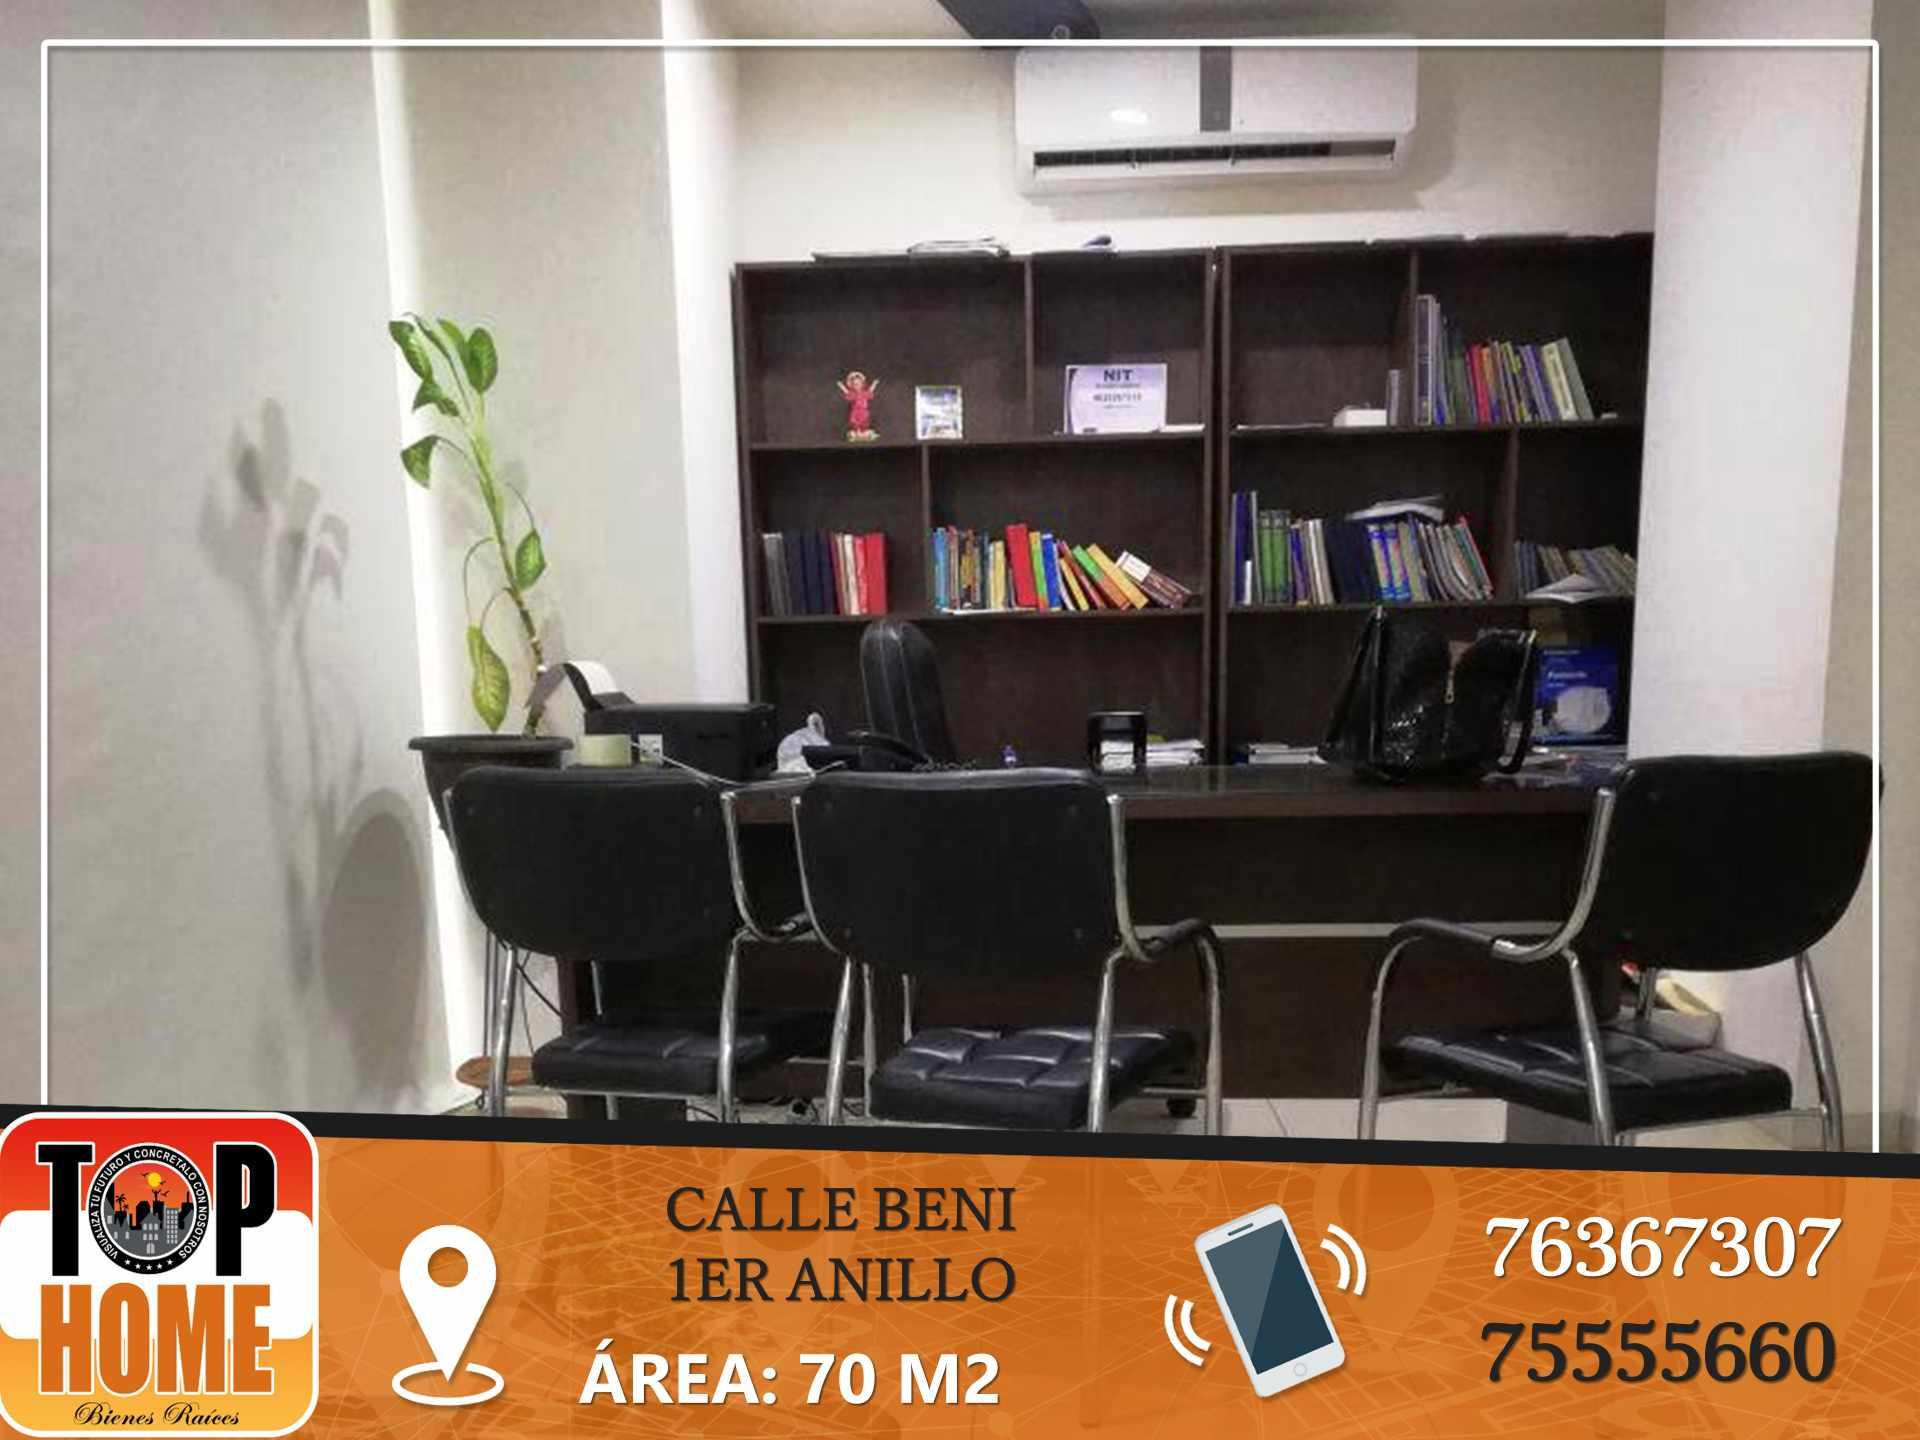 Oficina en Alquiler AV BENI 1ER ANILLO Foto 1